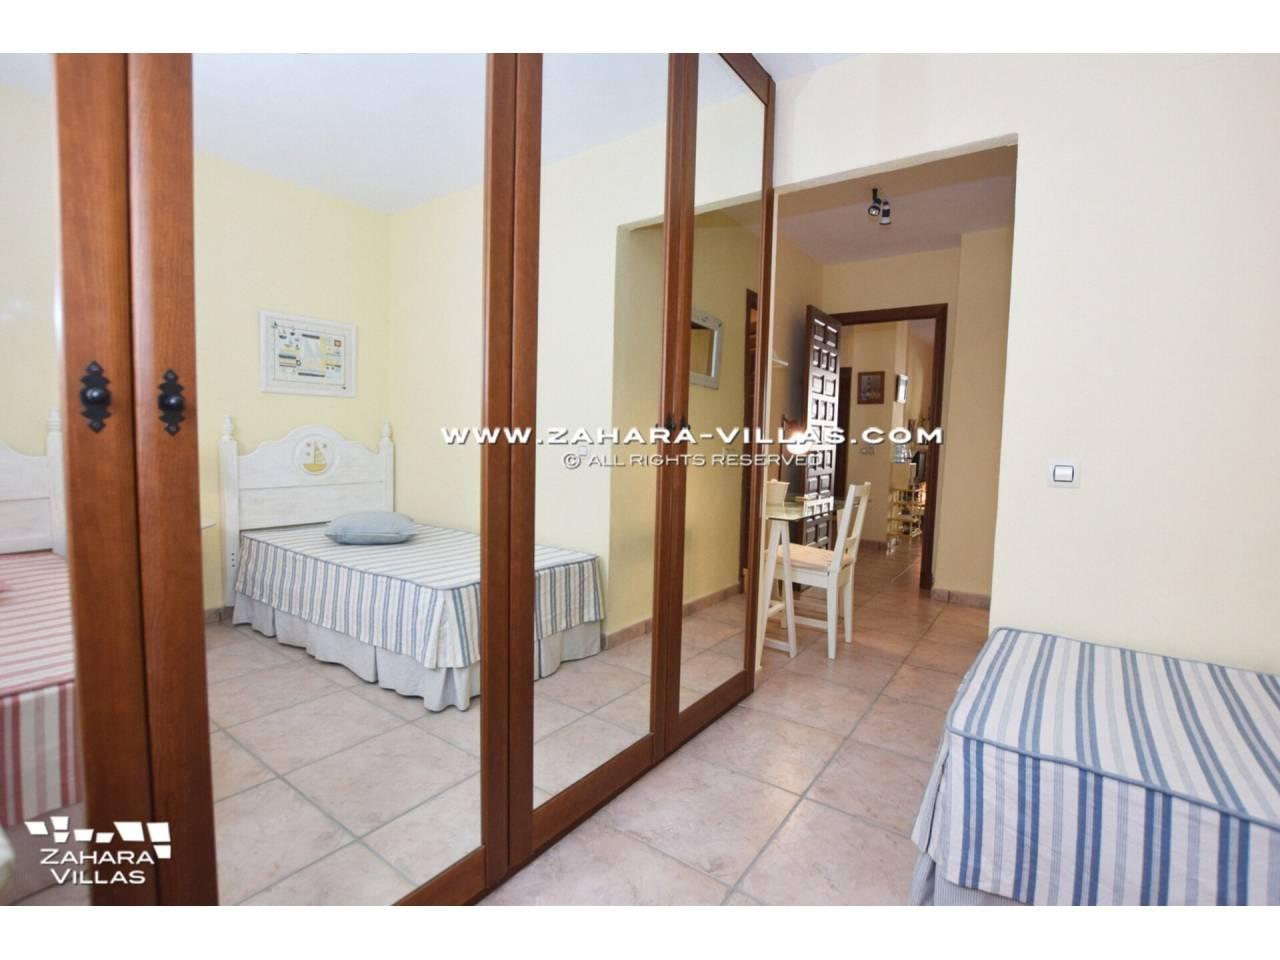 Imagen 12 de Coqueto apartamento en venta en urbanización Jardines de Zahara - Atlanterra